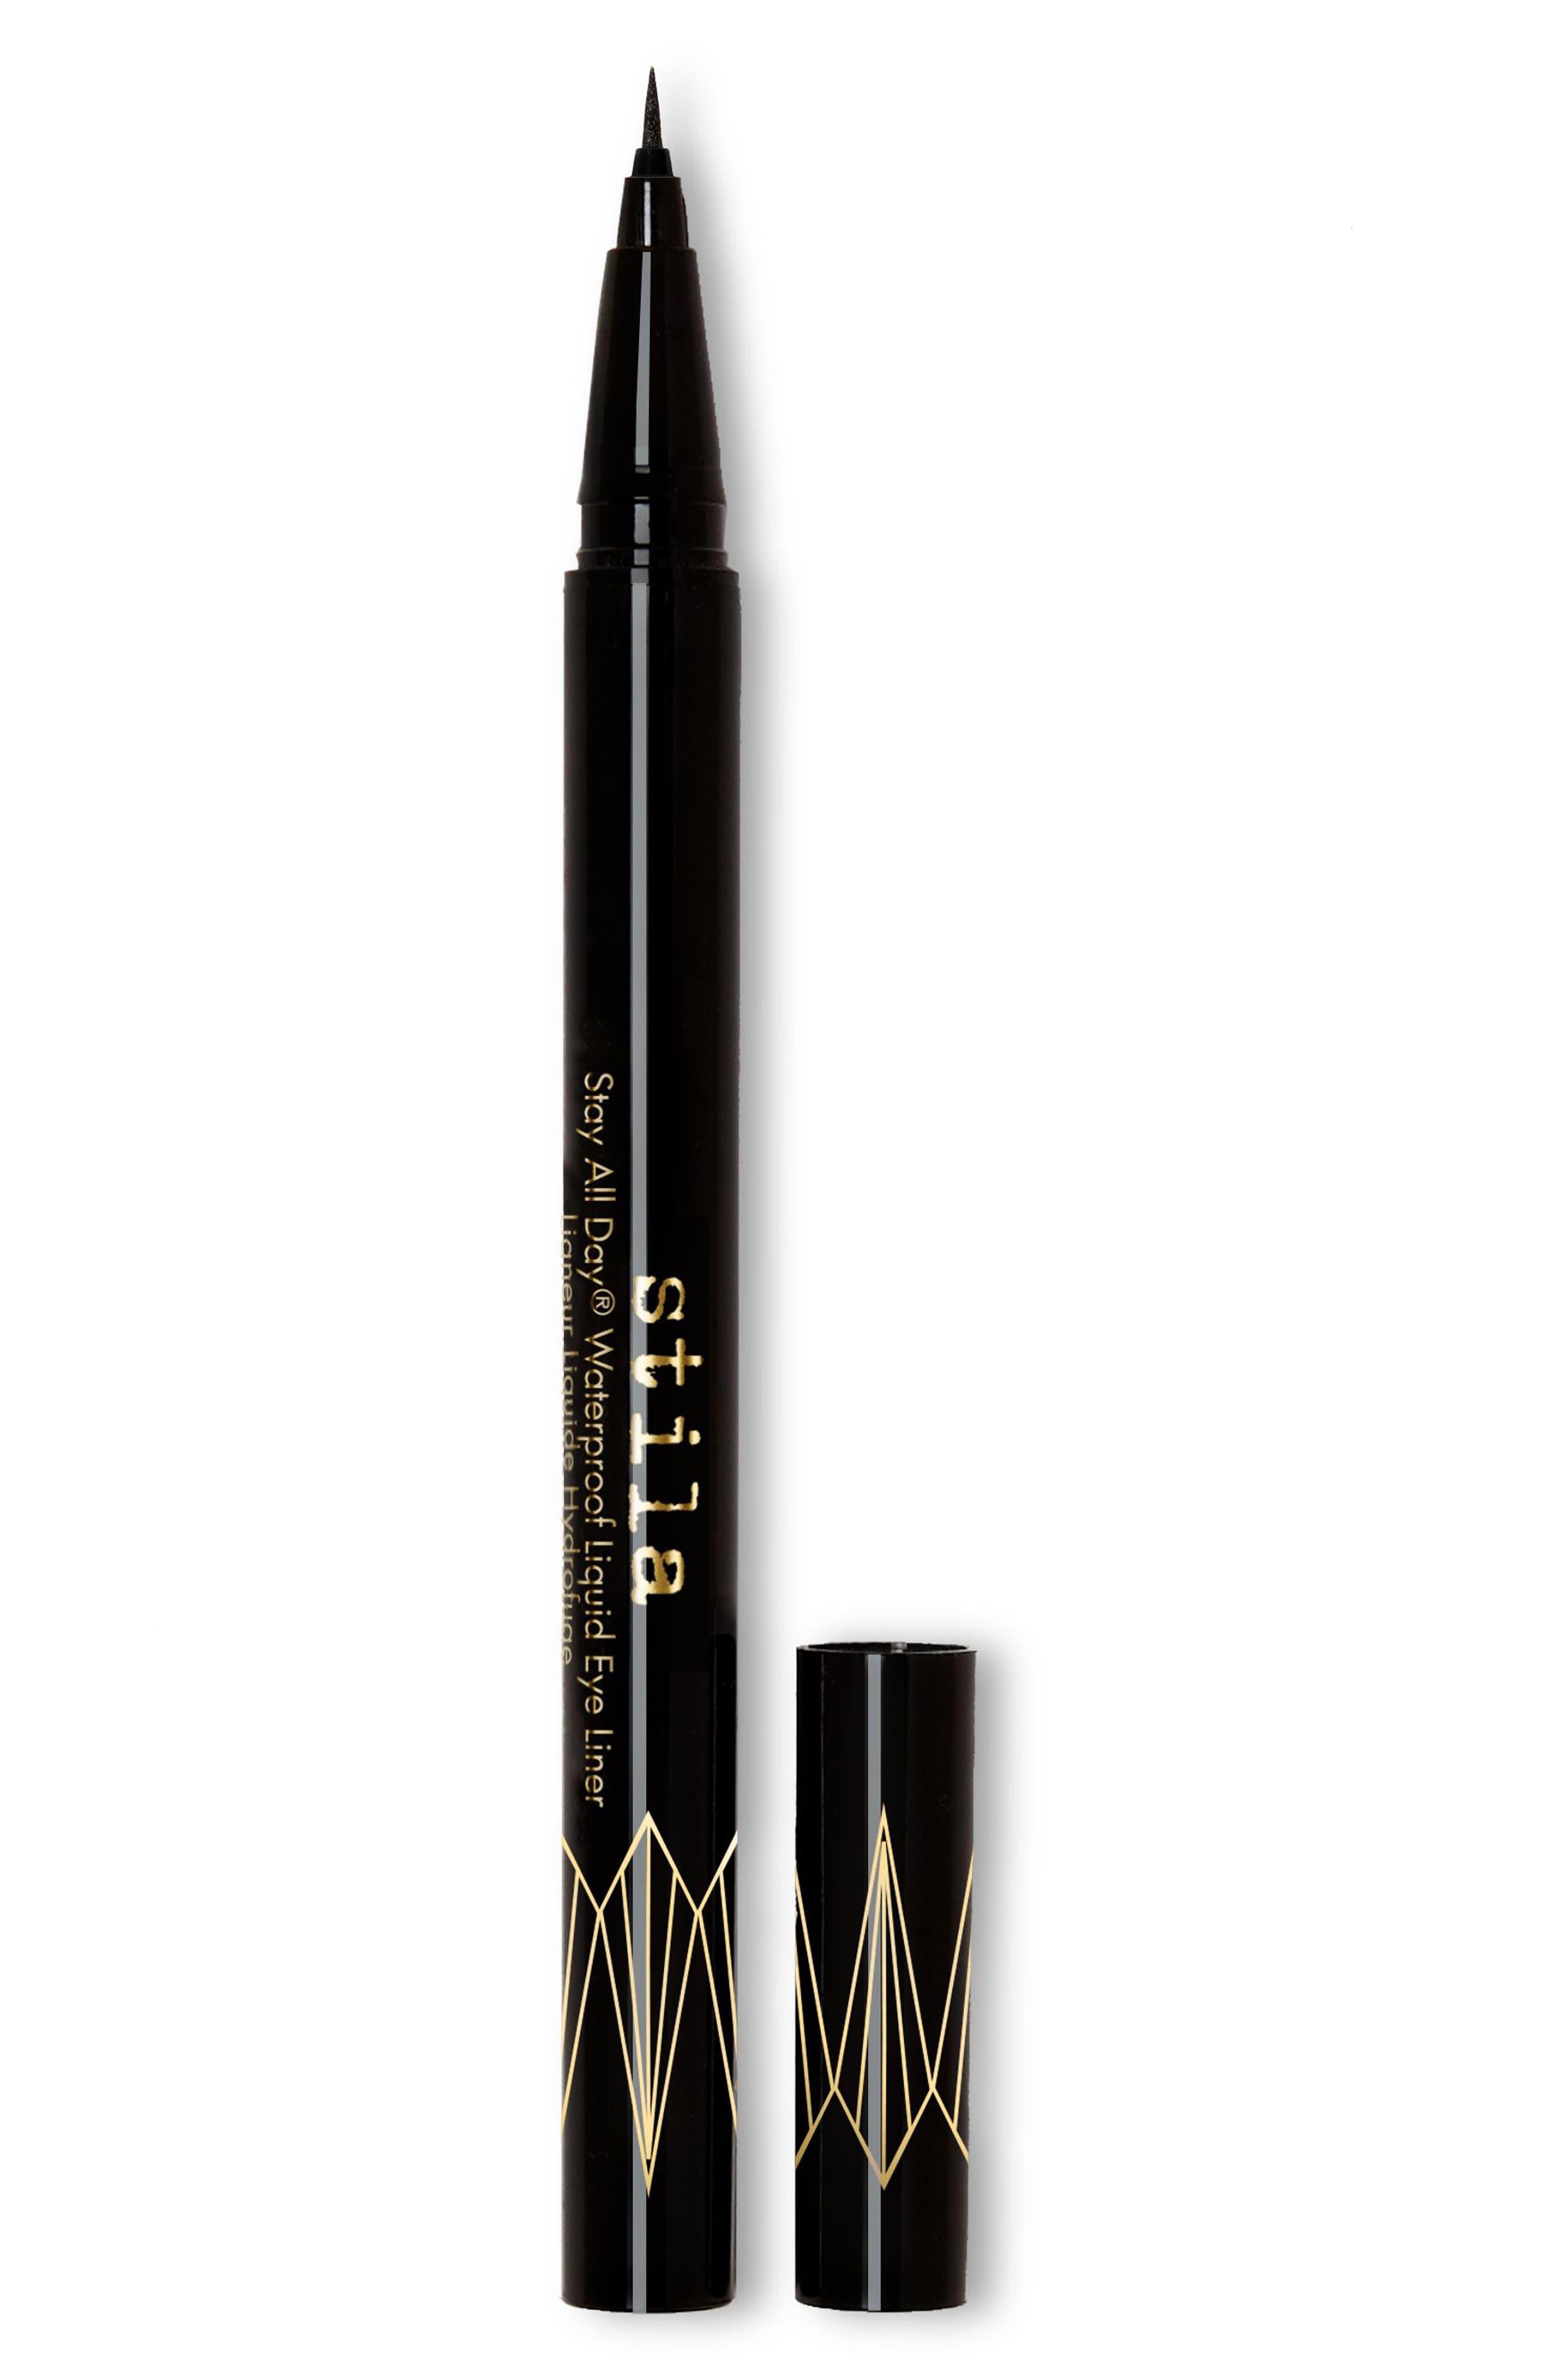 Alternate Image 1 Selected - Stila Stay All Day® Waterproof Micro Tip Liquid Eyeliner